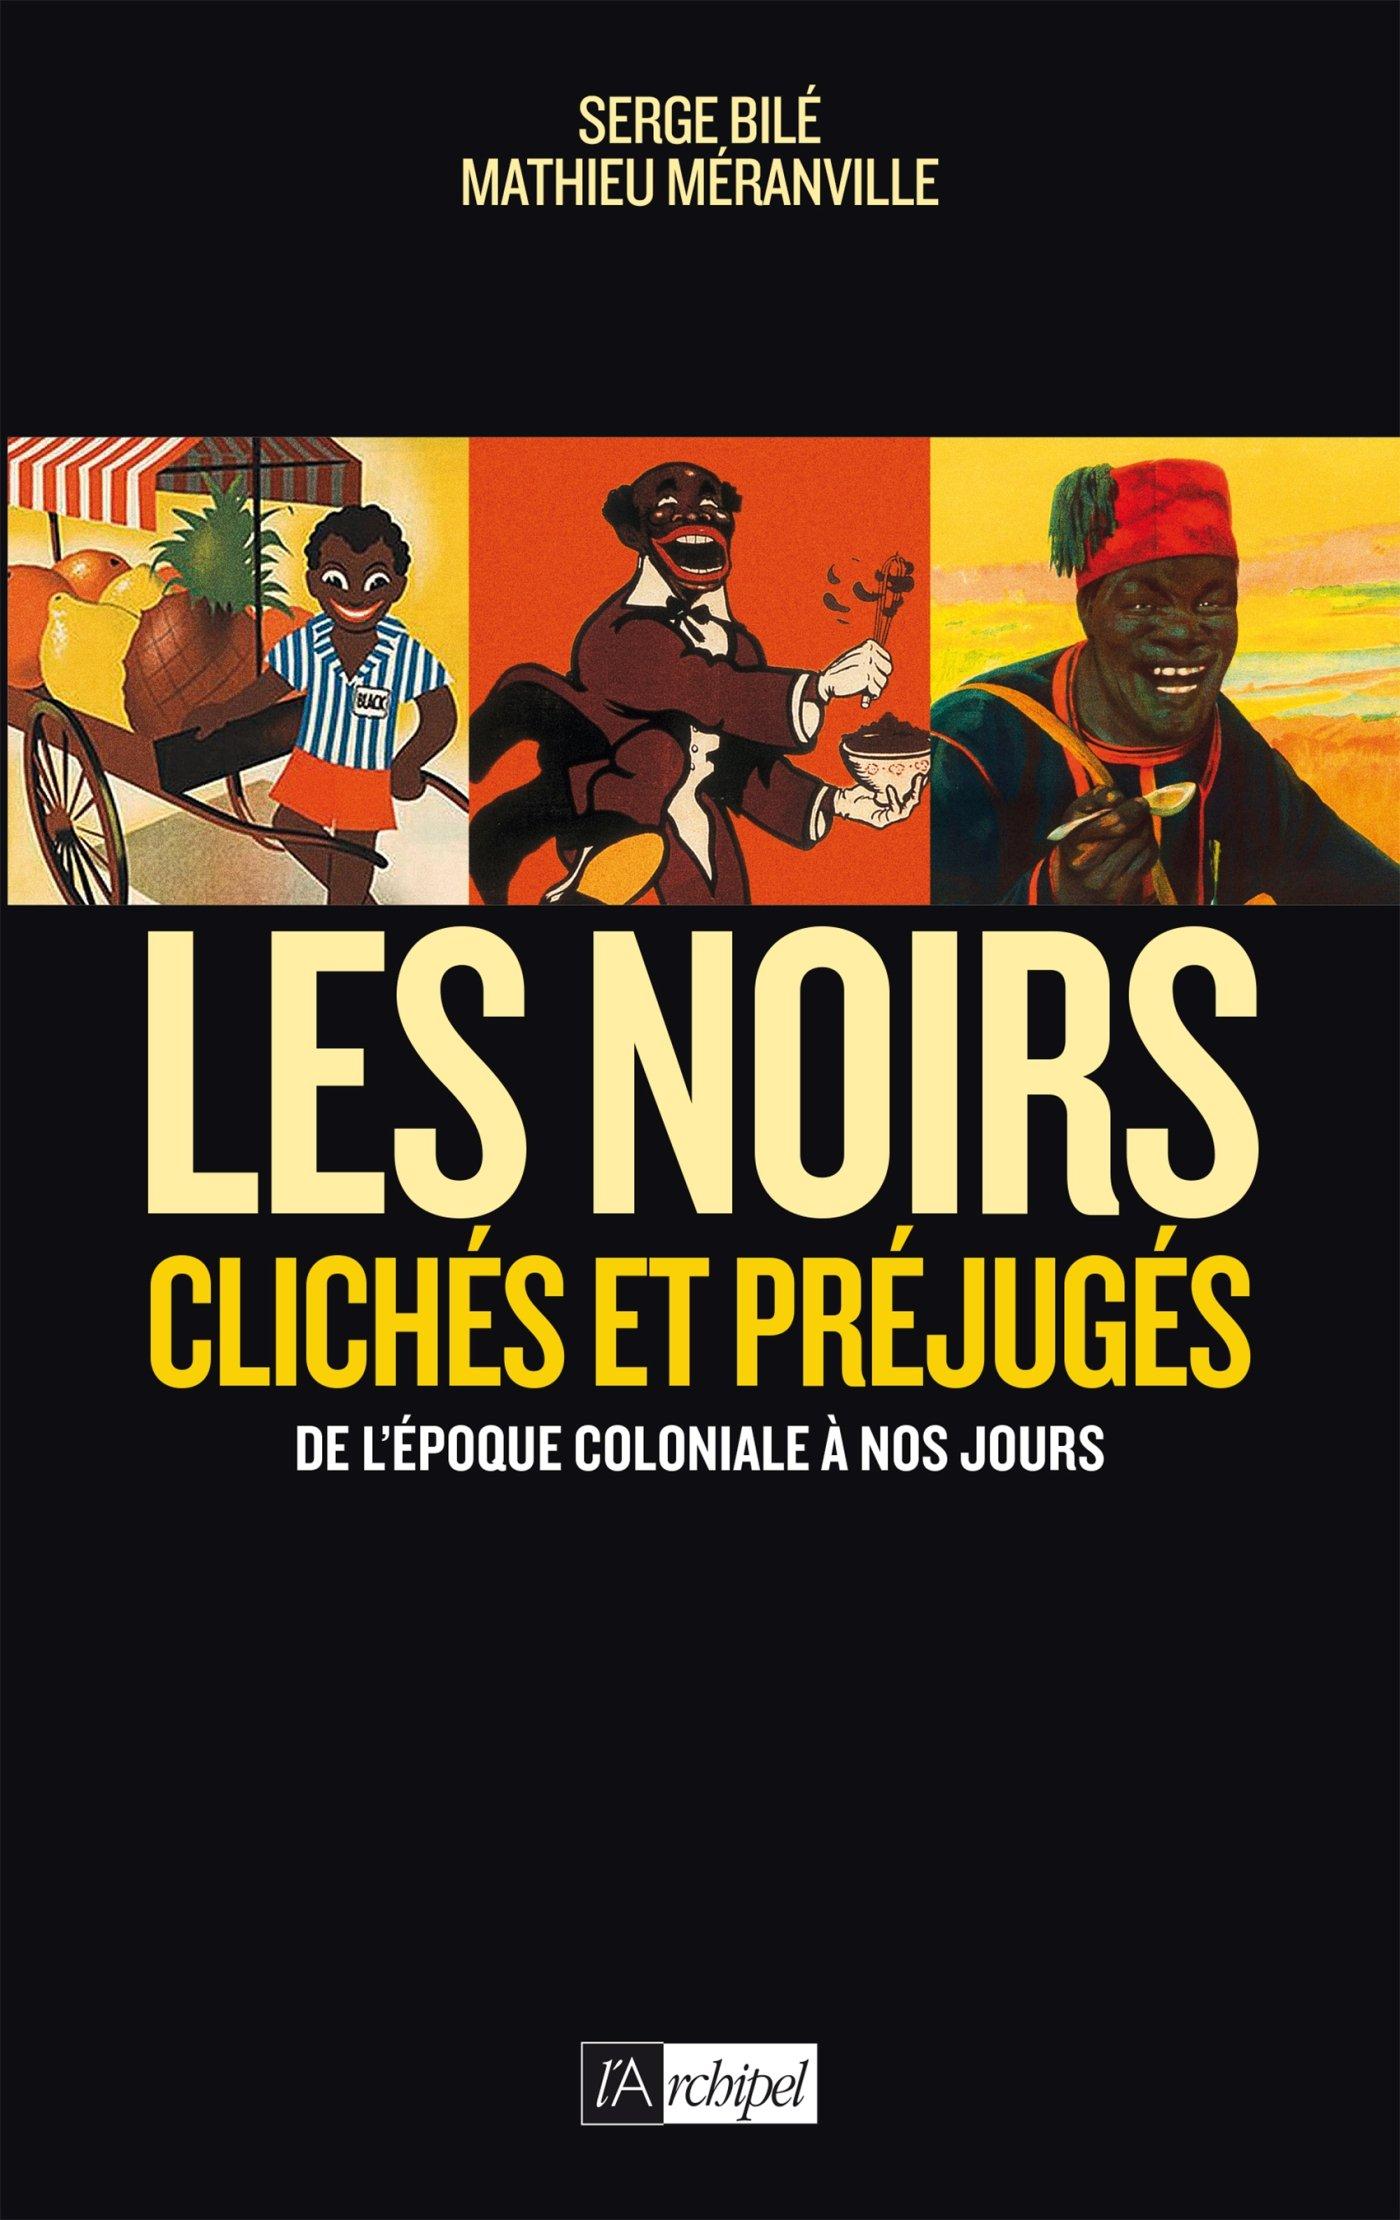 Les Noirs dans l'histoire Broché – 8 novembre 2017 Serge Bilé Mathieu Méranville Les Noirs dans l'histoire Archipel